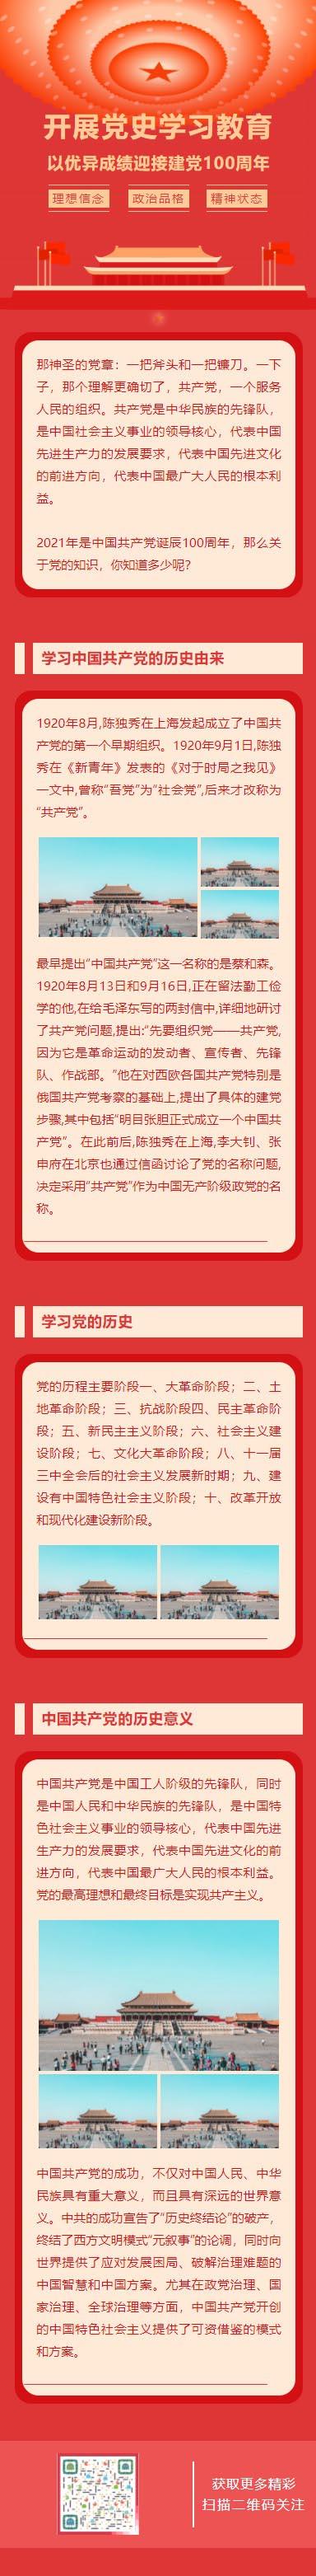 微信公众号模板党政党史建党节推文模板推送图文素材文章